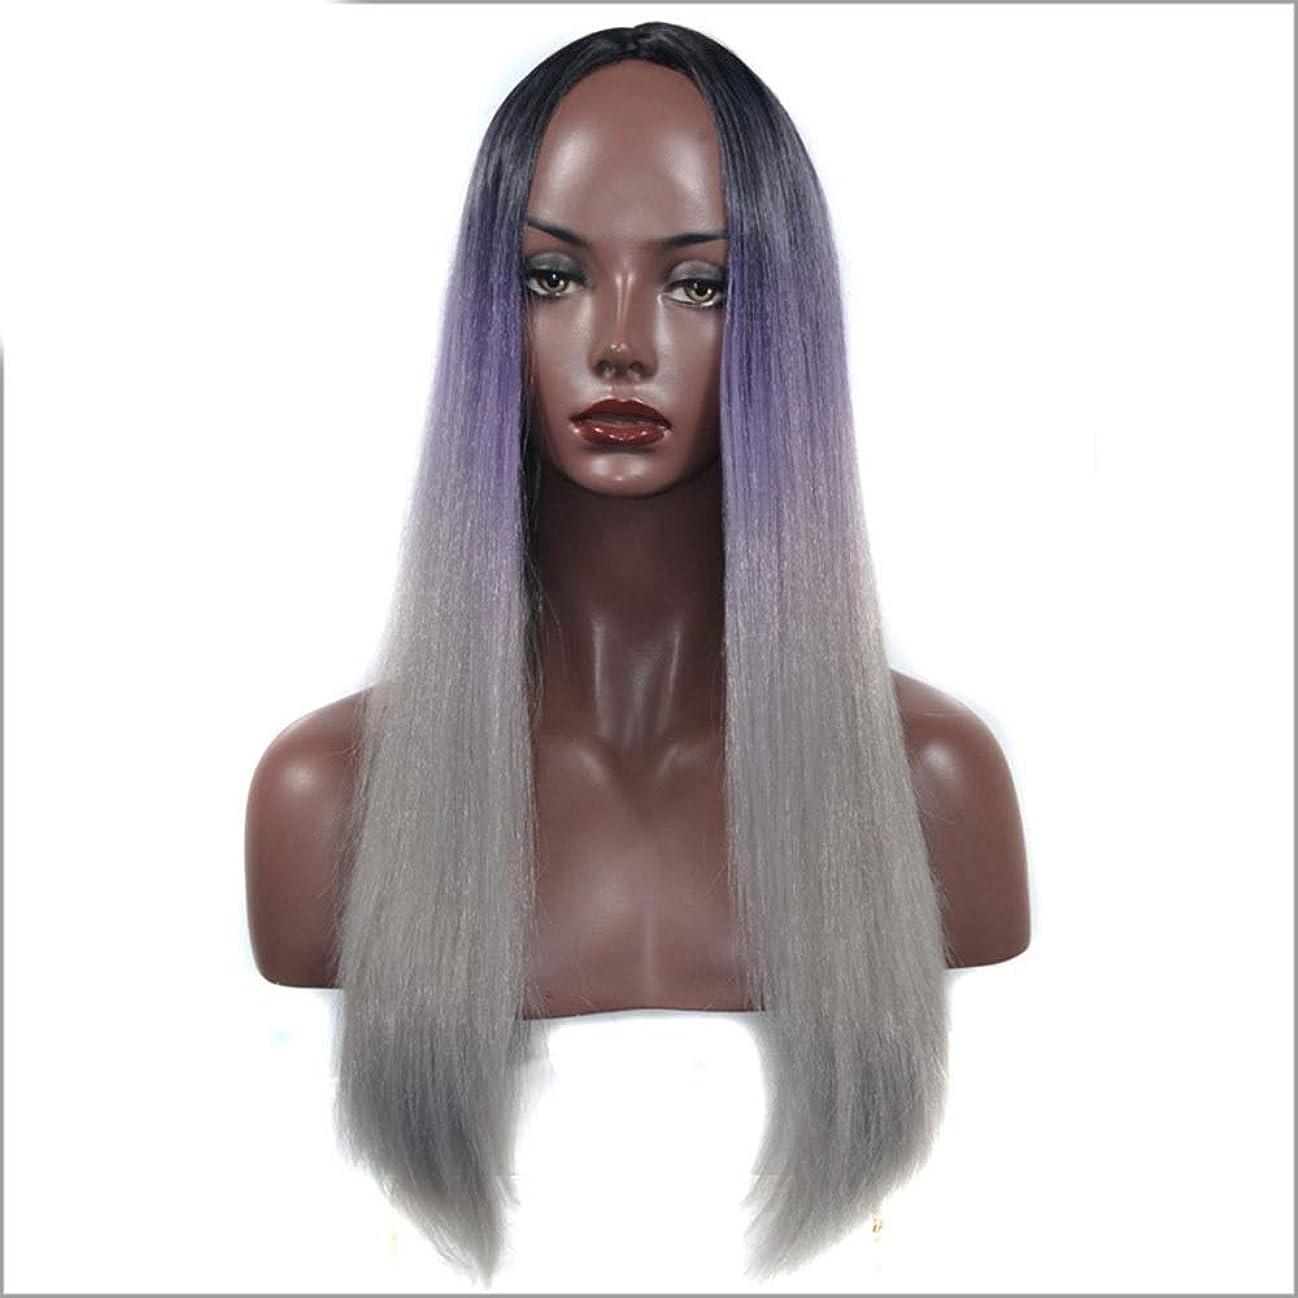 祖先略すトリプルYESONEEP 女性のためのコスプレパーティードレスのための黒の紫色の長いストレートの髪のかつら (色 : Black purple gray, サイズ : 60cm)